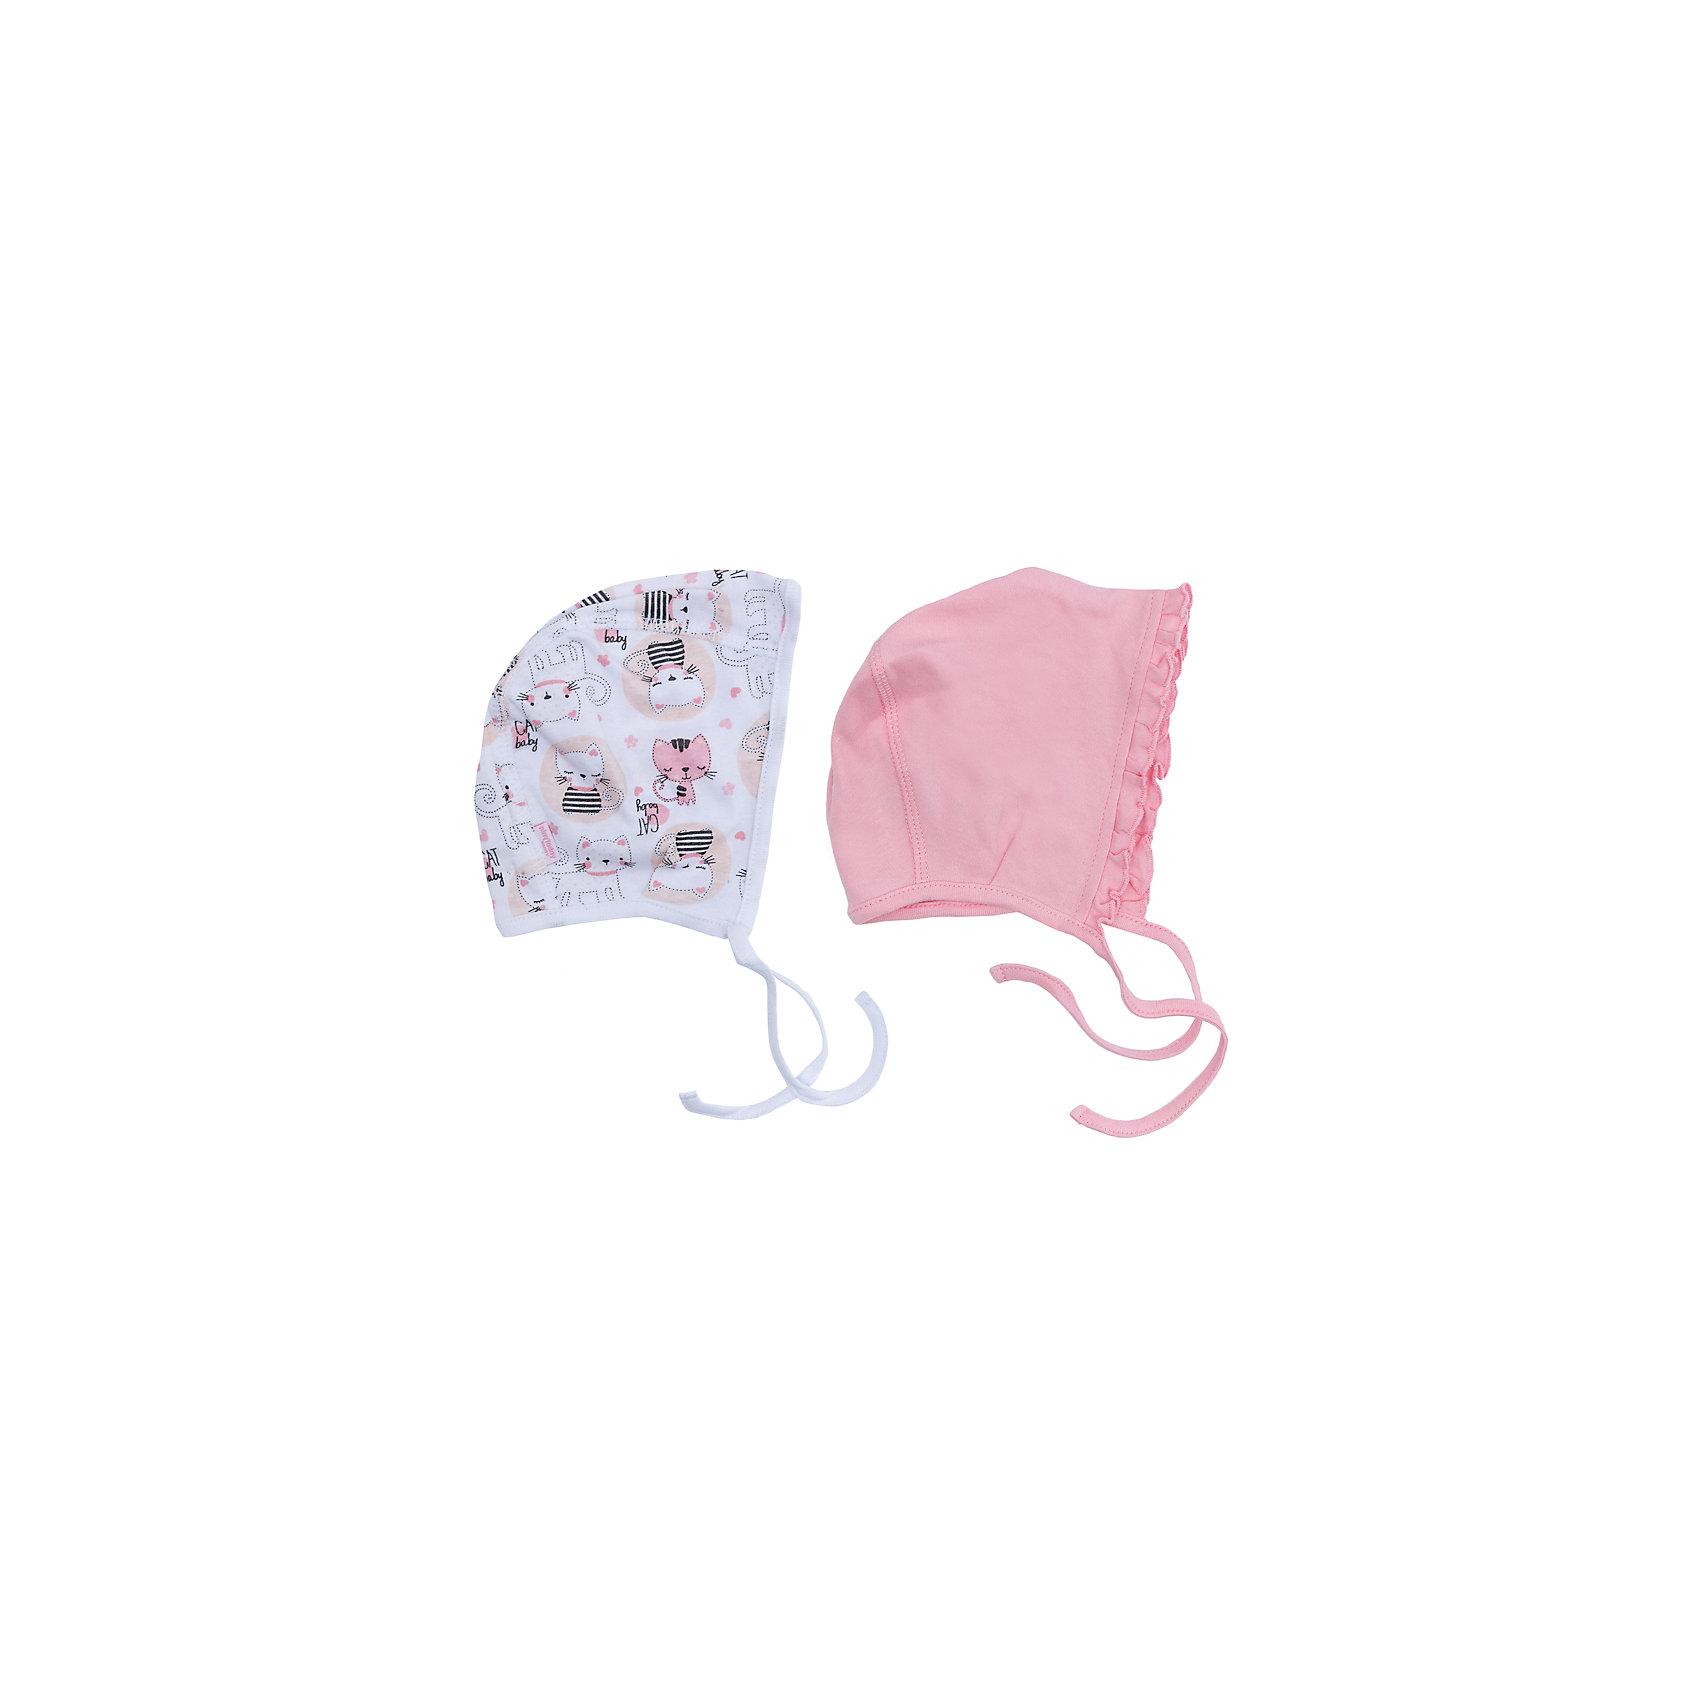 Чепчик, 2 шт для девочки PlayTodayШапочки<br>Чепчик, 2 шт для девочки PlayToday<br>Чепчики на завязках из мягкой натуральной ткани подойдут Вашему ребенку для прогулок в прохладную погоду. Плотно прилегают к голове. Одна из моделей декорирована оборкой.<br>Состав:<br>100% хлопок<br><br>Ширина мм: 157<br>Глубина мм: 13<br>Высота мм: 119<br>Вес г: 200<br>Цвет: белый<br>Возраст от месяцев: 3<br>Возраст до месяцев: 6<br>Пол: Женский<br>Возраст: Детский<br>Размер: 44,40,42<br>SKU: 5408535